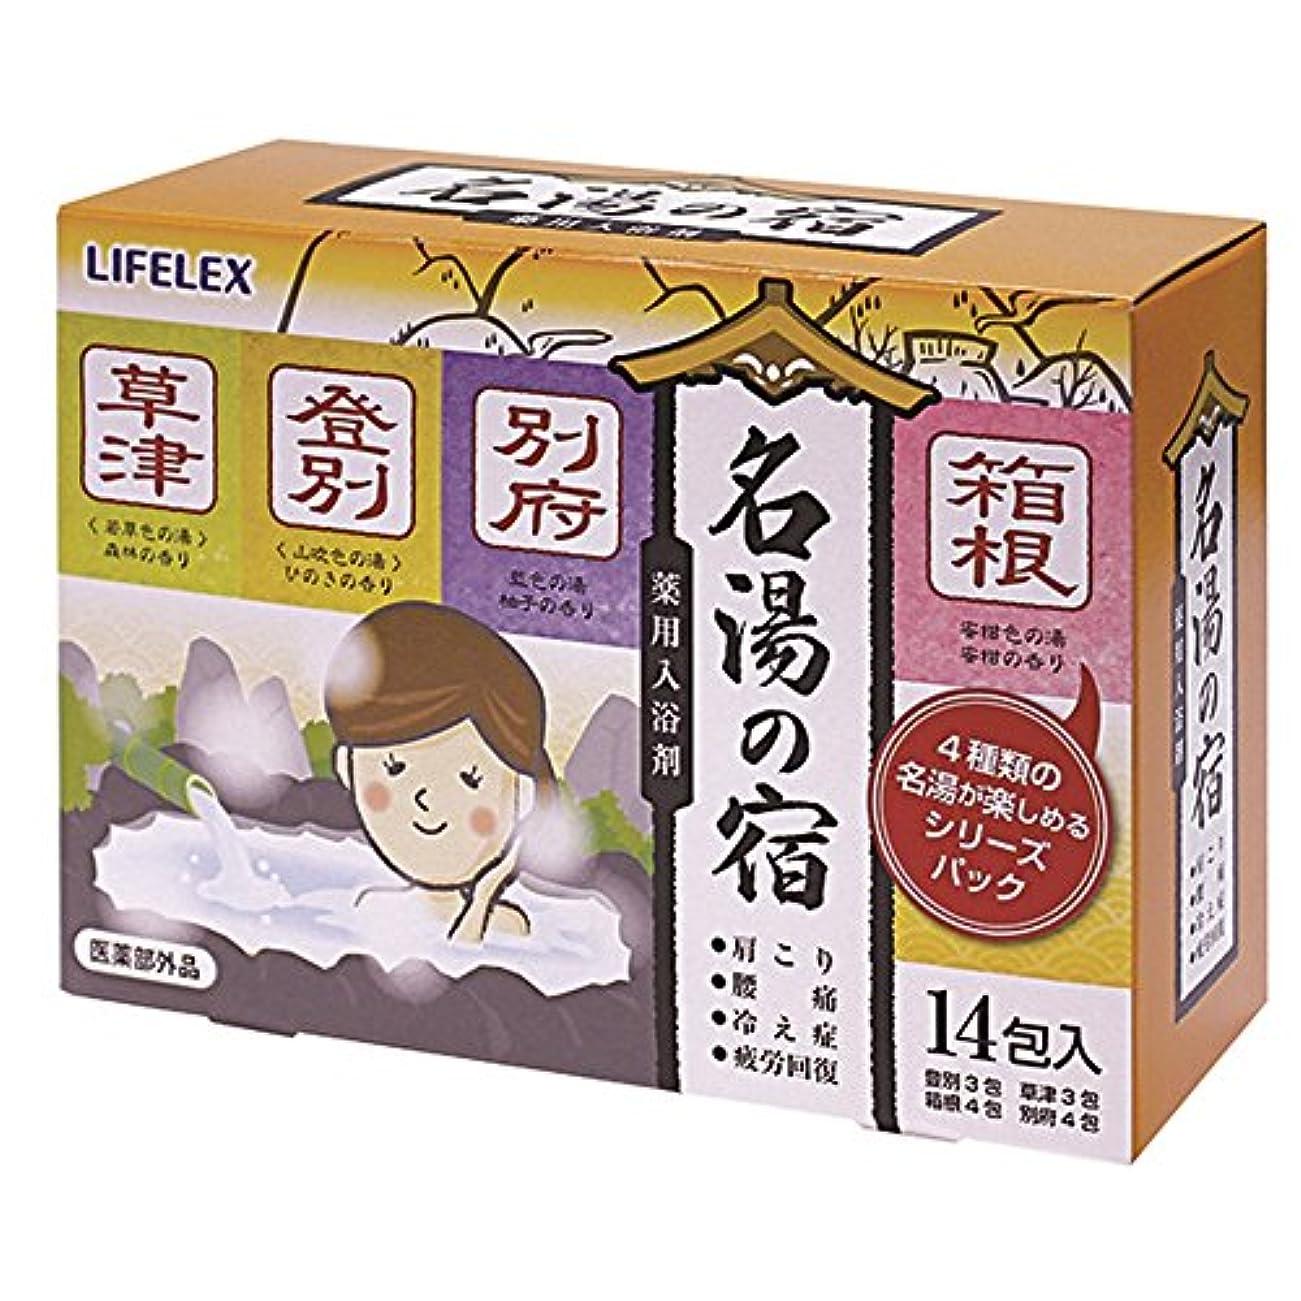 ピストン目覚める忘れるコーナン オリジナル LIFELEX 名湯の宿 薬用入浴剤 14包入